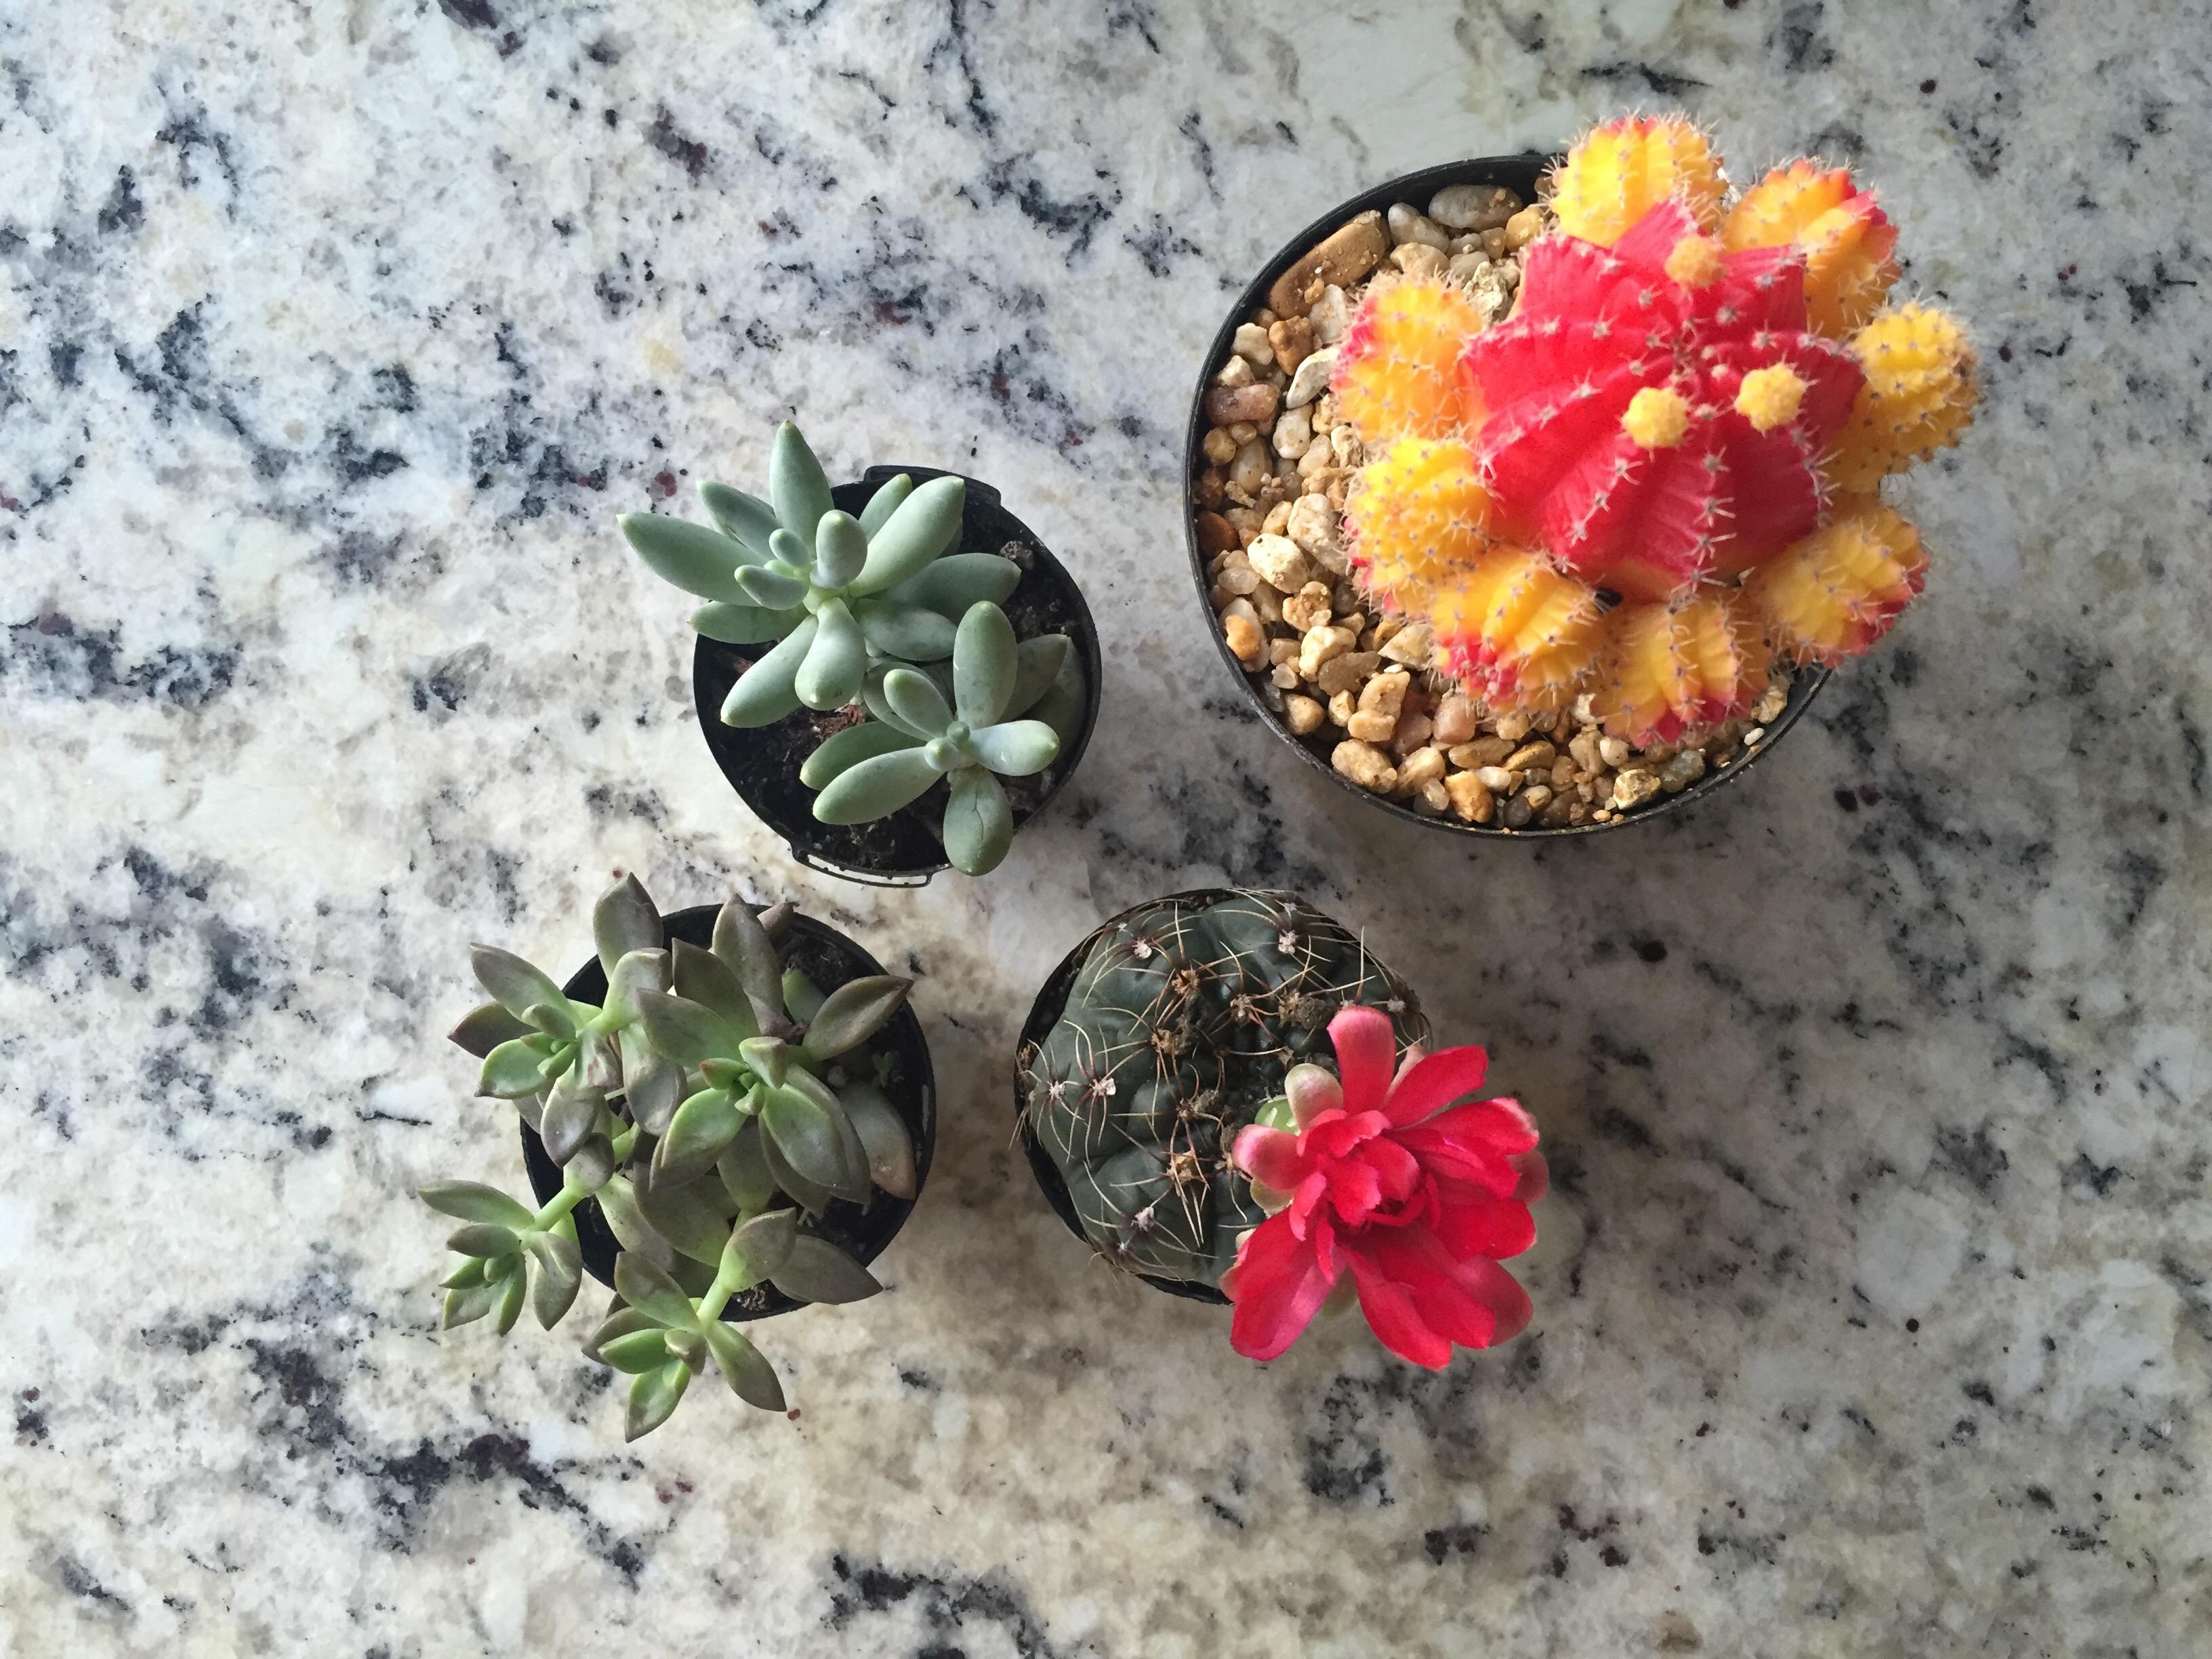 diy succulent terrarium, cute succulent terrariums, how to set up succulent terrarium, how to make succulent terrarium